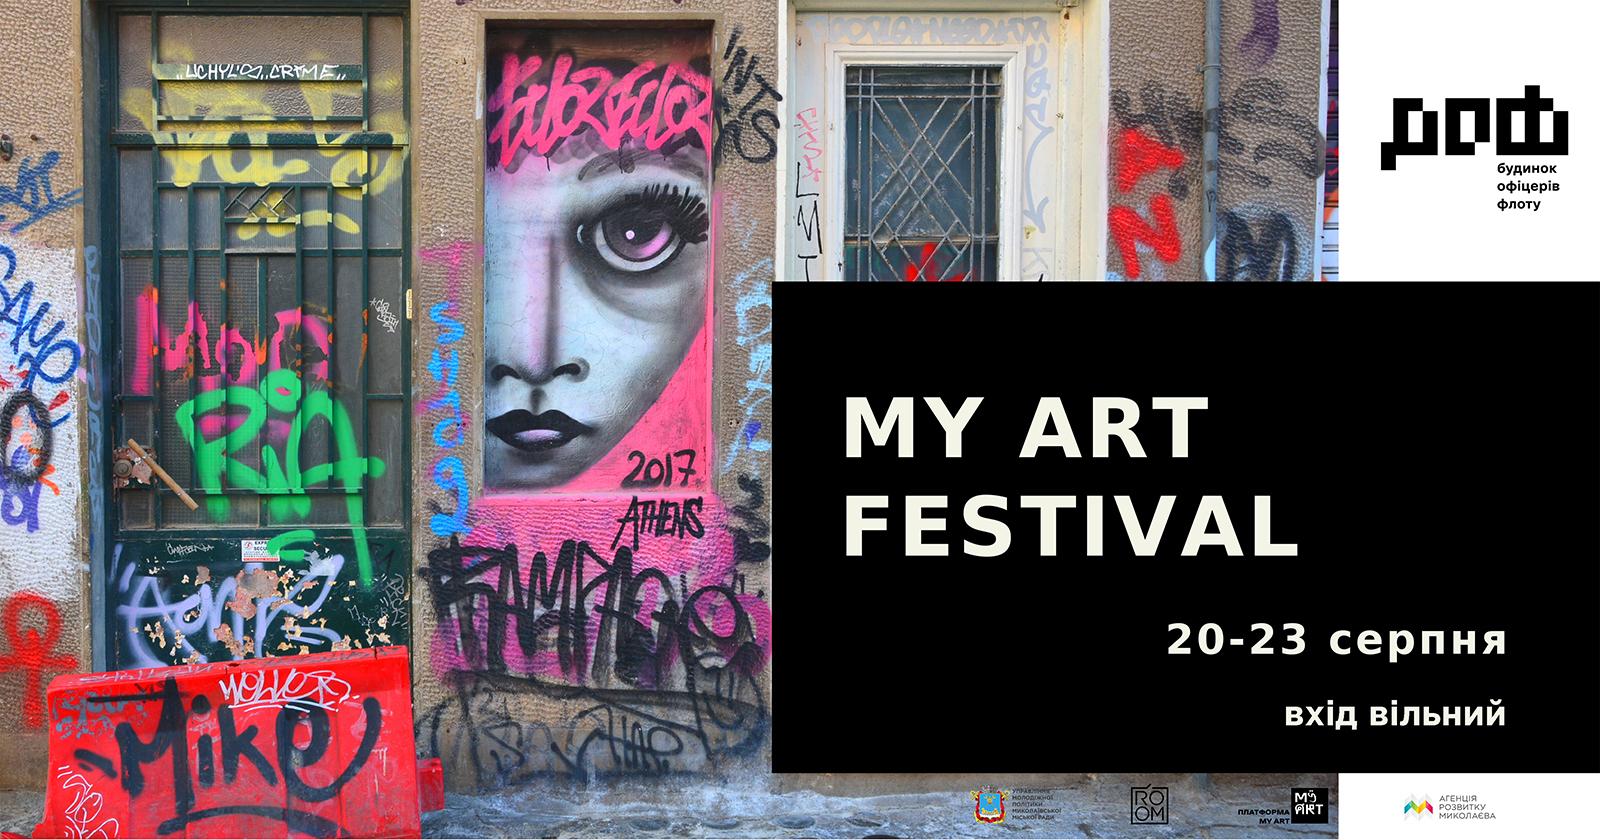 Фотовыставка, лекция и кино под открытым небом: николаевцев приглашают на MY ART FESTIVAL в ДОФе